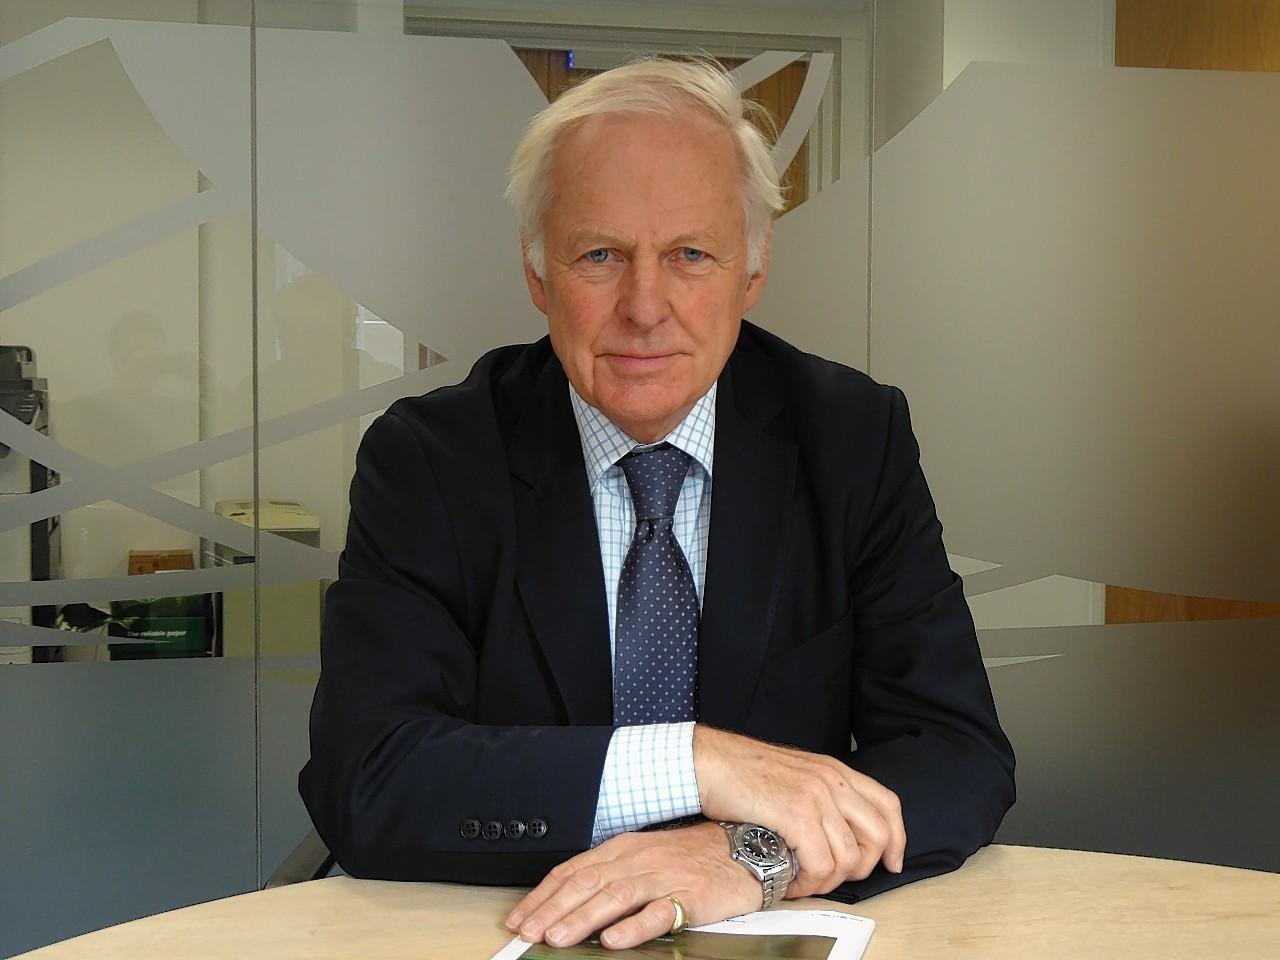 Serica chairman Tony Craven Walker